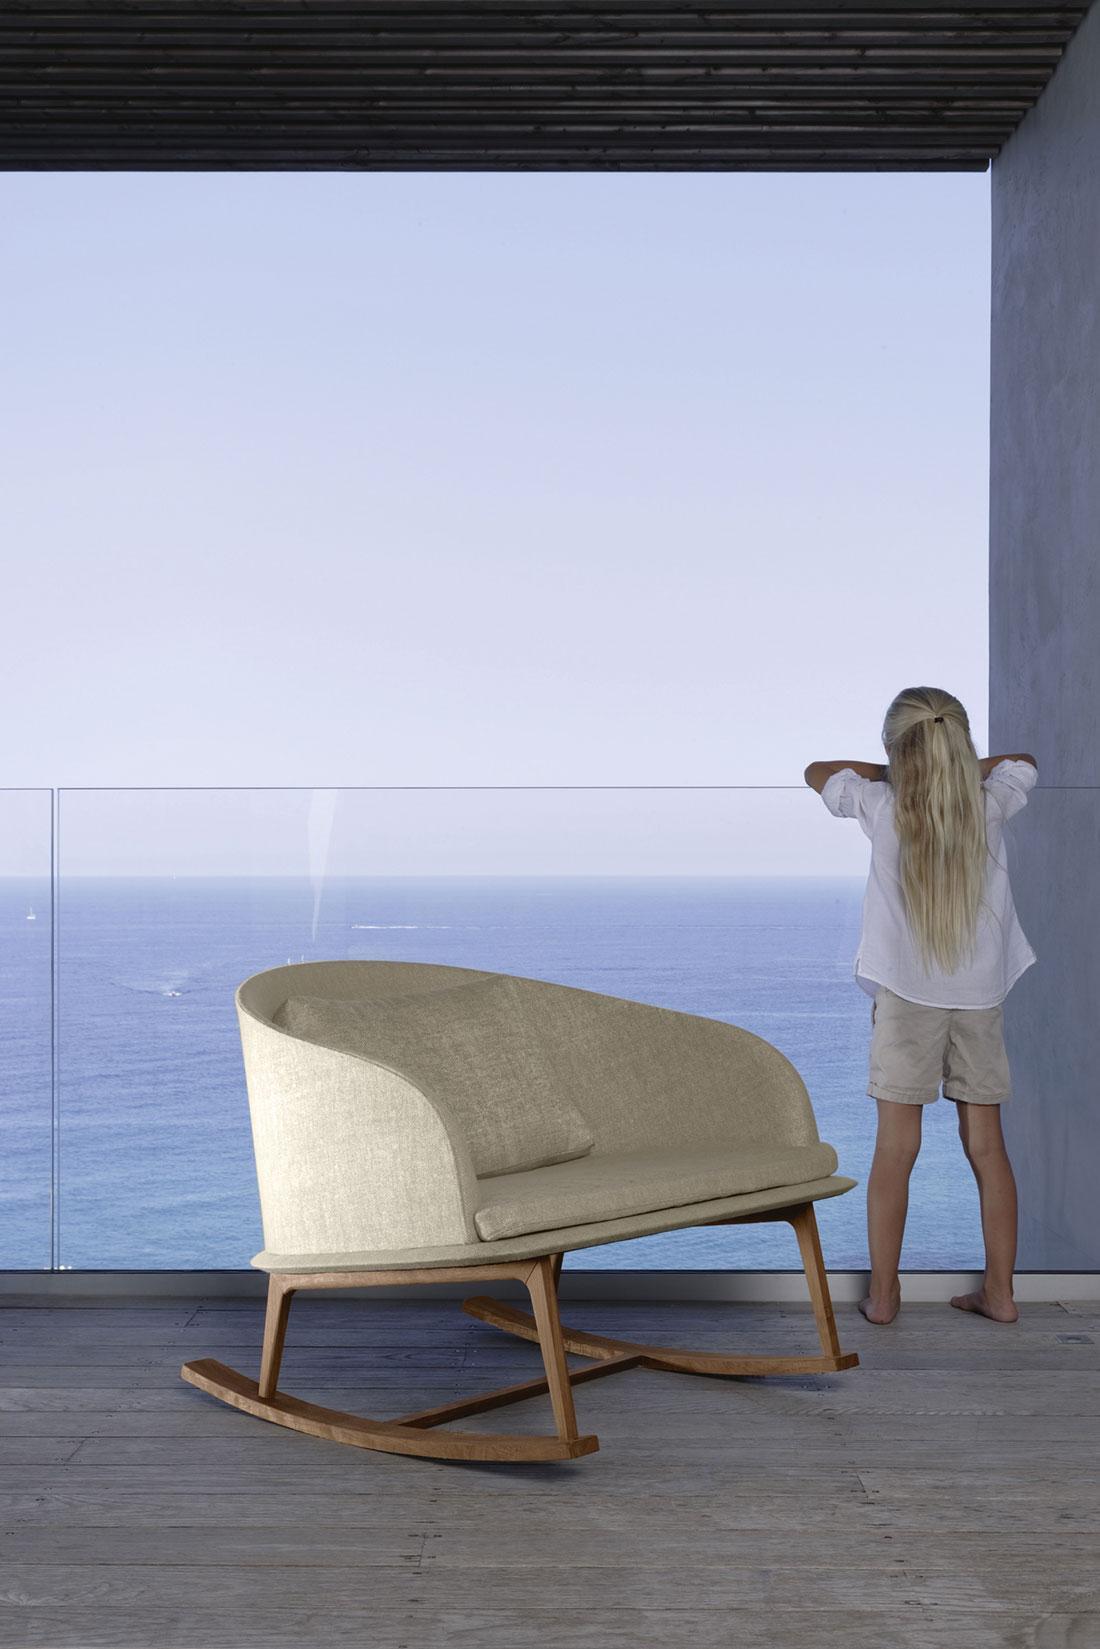 Clariss poltrona a dondolo da esterno italy dream design - Dondolo da giardino prezzi ...